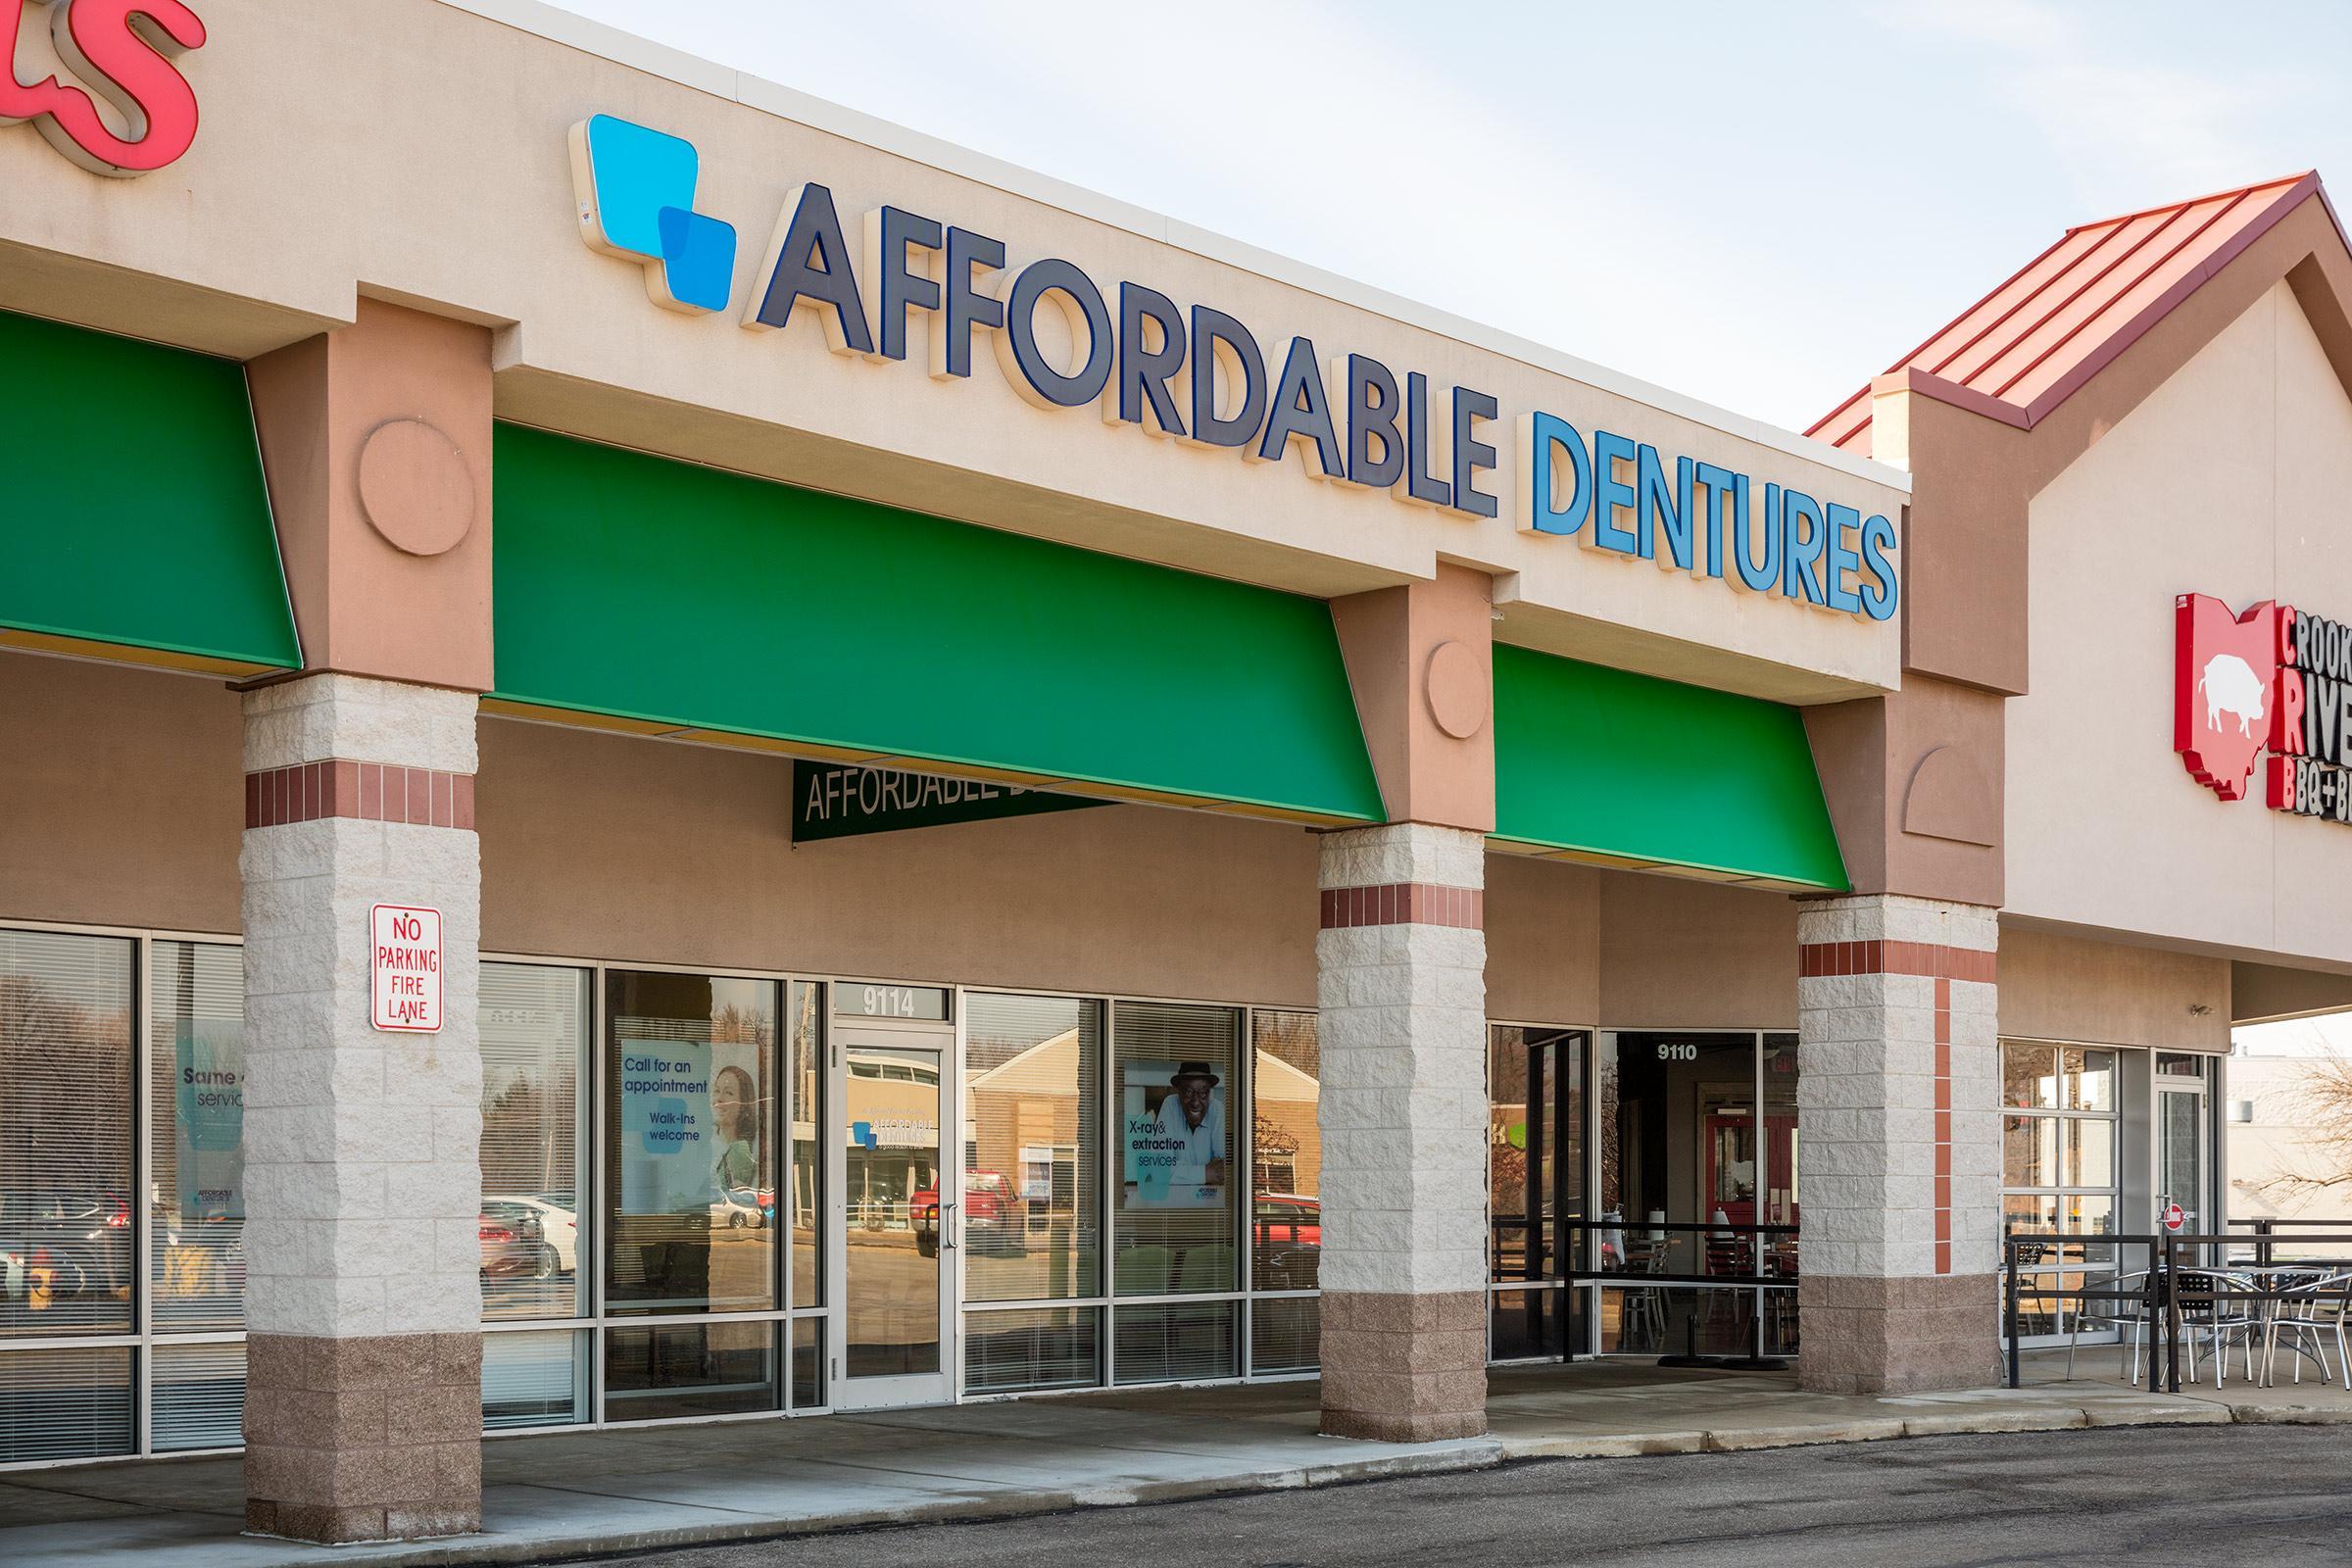 Affordable Dentures & Implants image 3